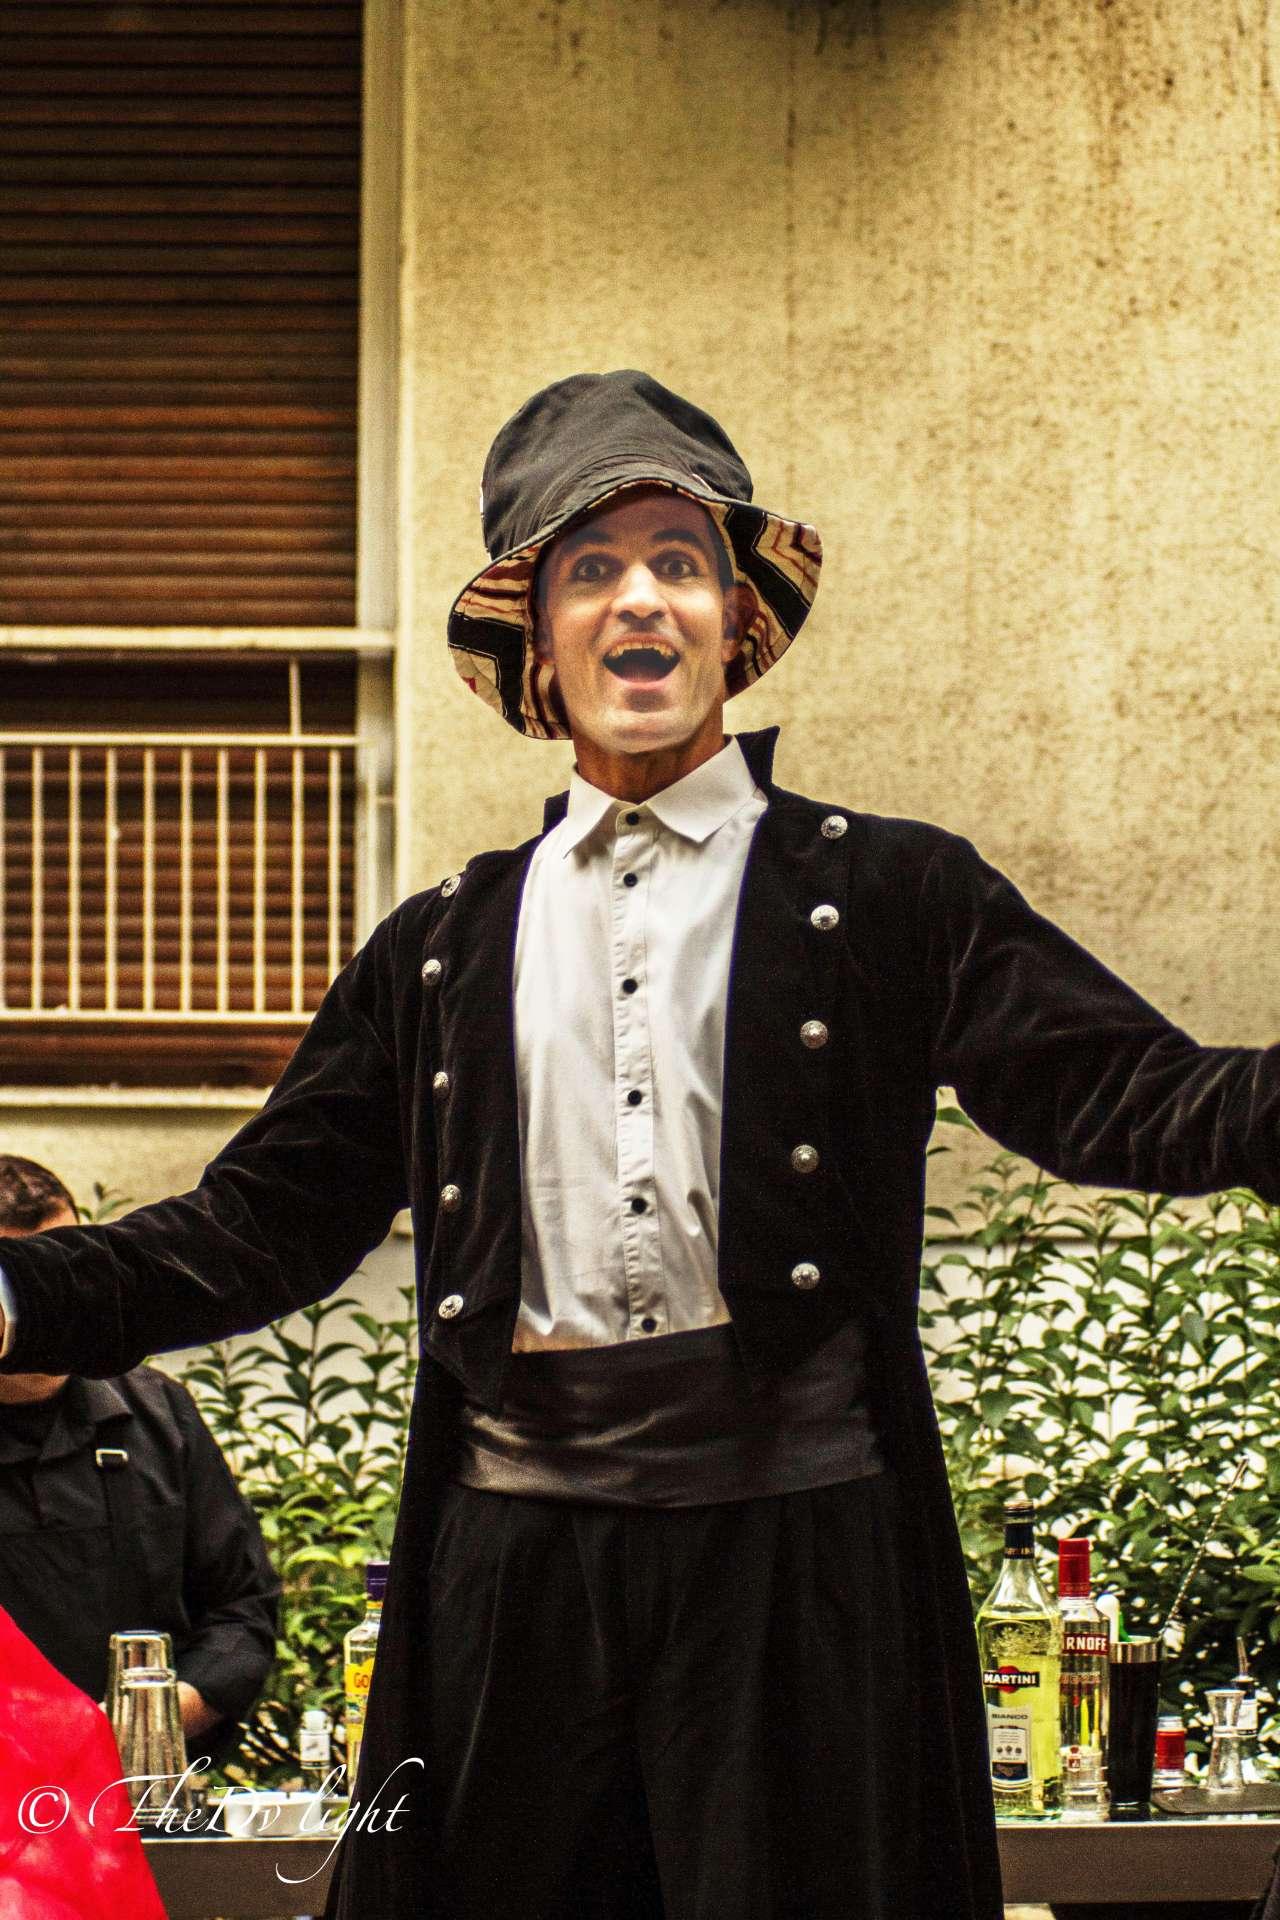 Γελαστός ξυλοπόδαρος με φράκο και ψηλό καπέλο υποδέχεται καλεσμένους με ανοικτά χέρια σε εκδήλωση